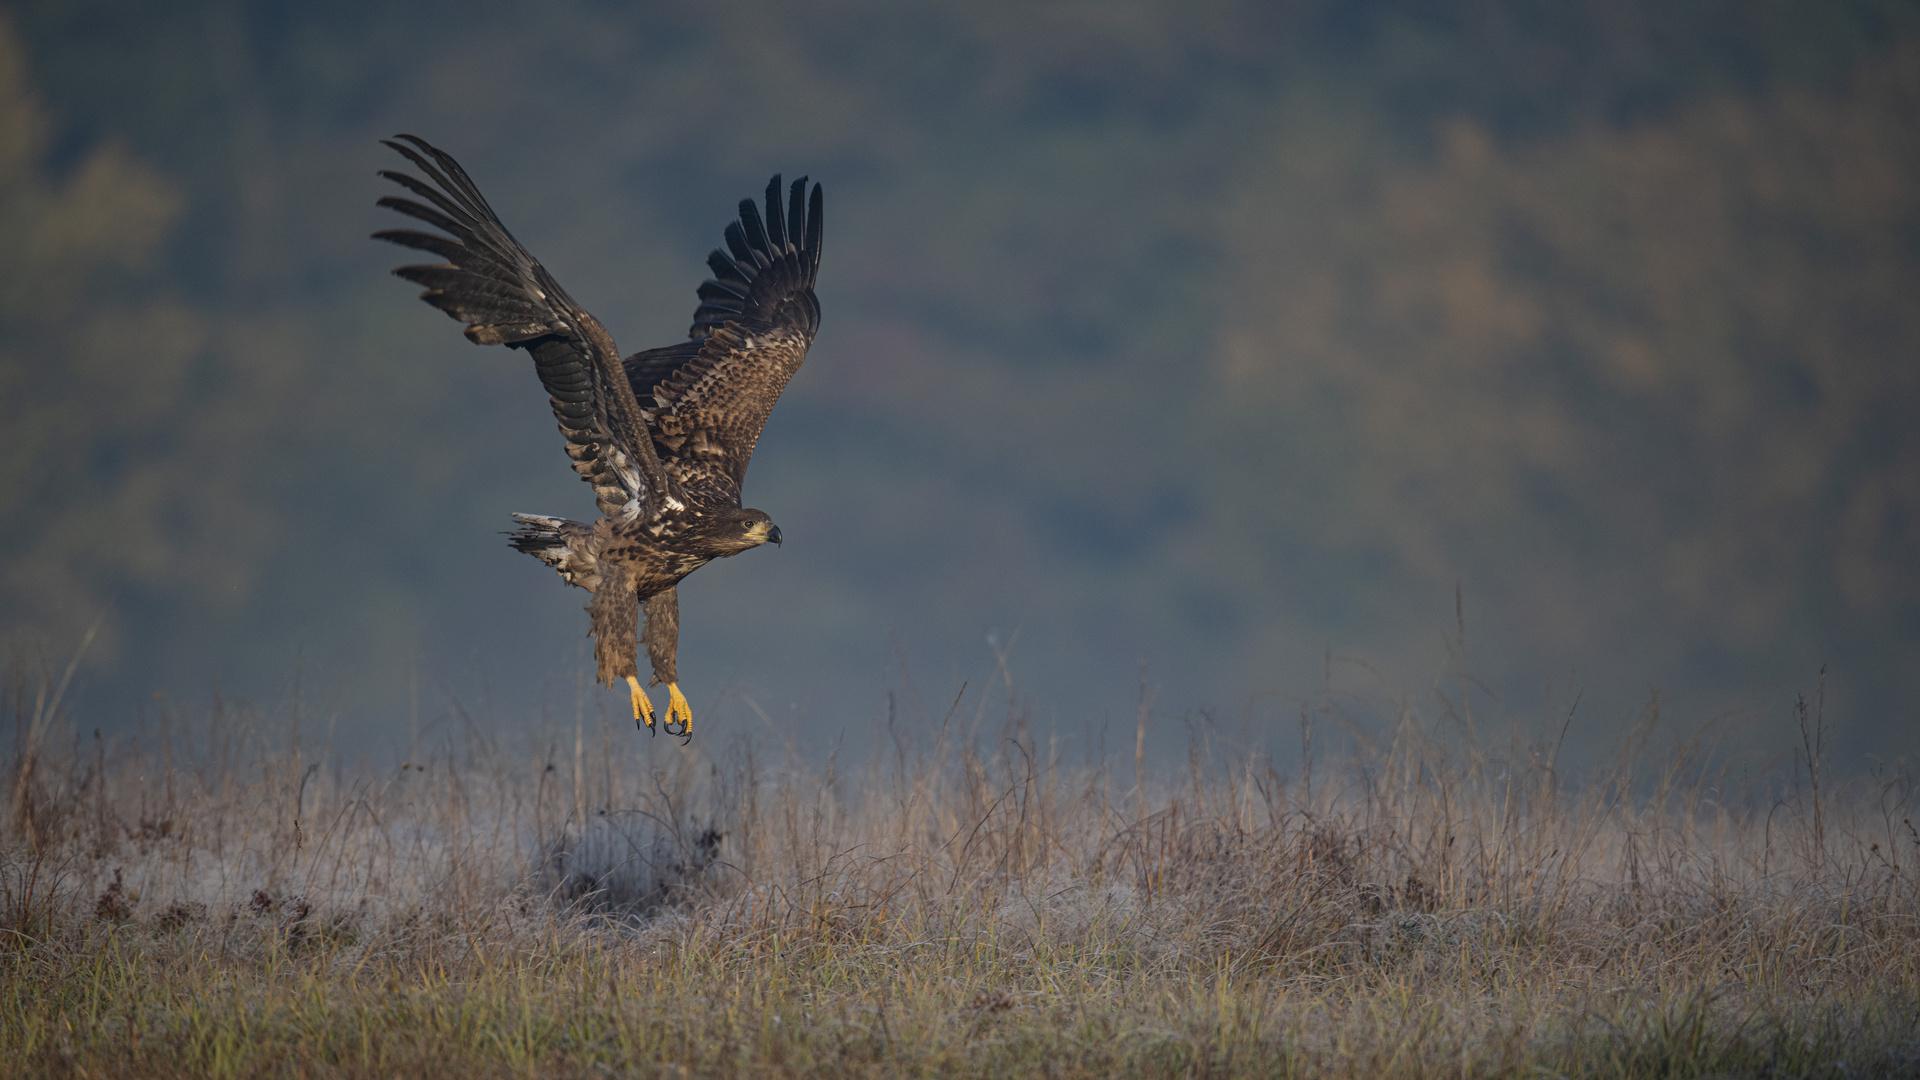 und dann der zweite Adler